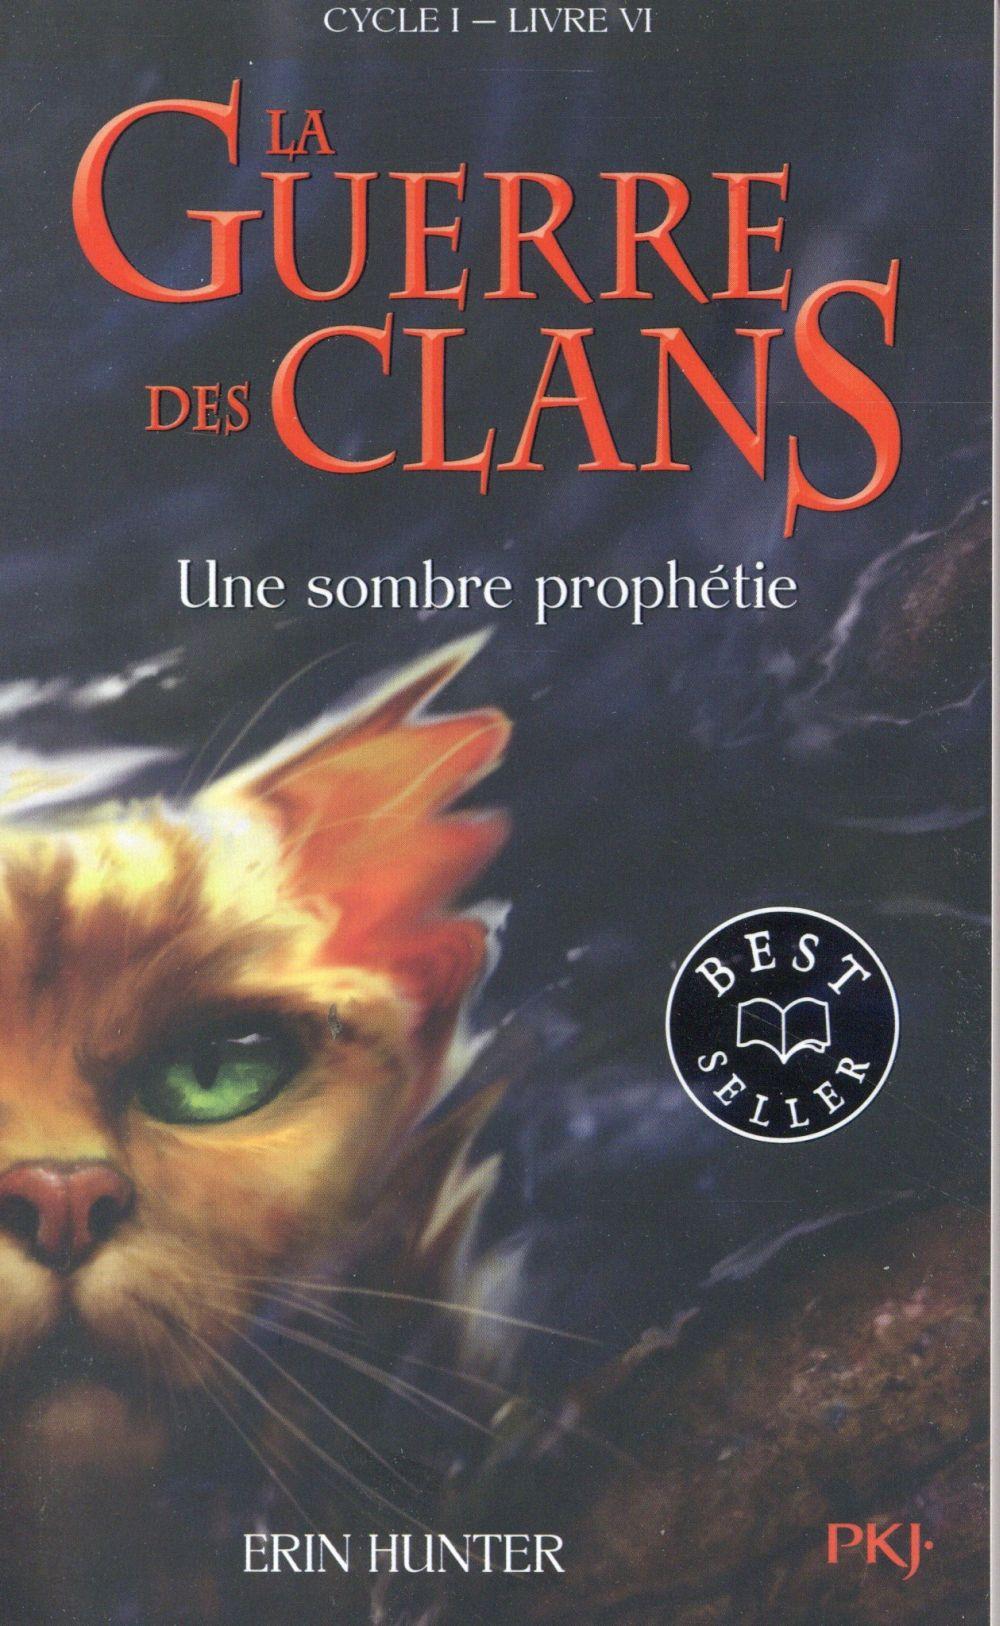 LA GUERRE DES CLANS - CYCLE I - TOME 6 UNE SOMBRE PROPHETIE -POCHE- - VOL06